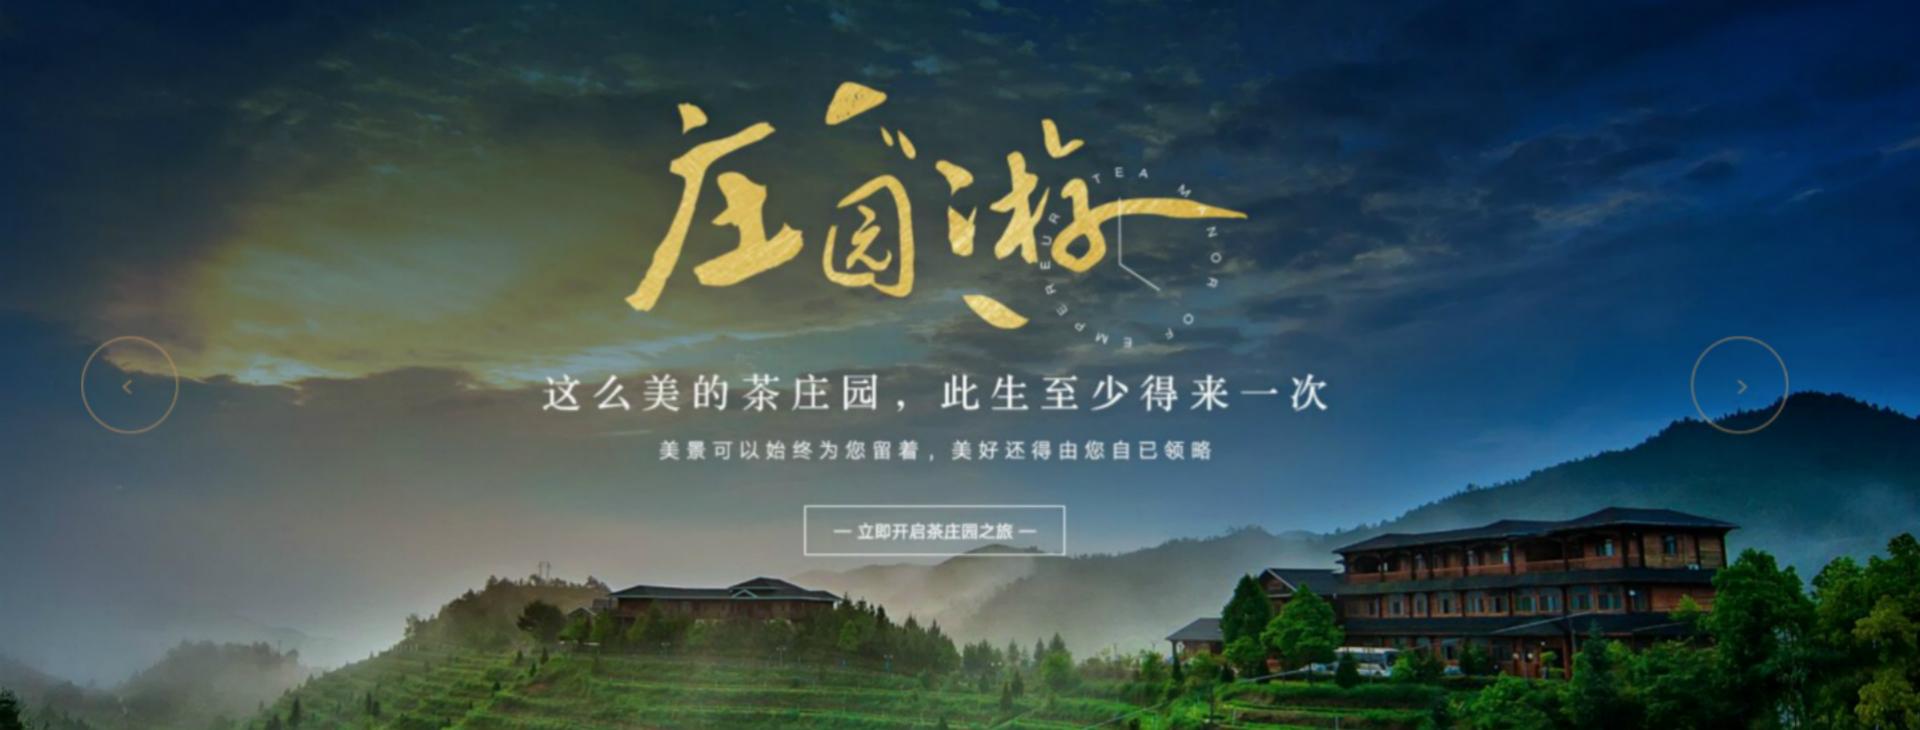 金砖期间 一杯庄园茶如何惊艳各国元首夫人 ?| 大美中国独家直播预告